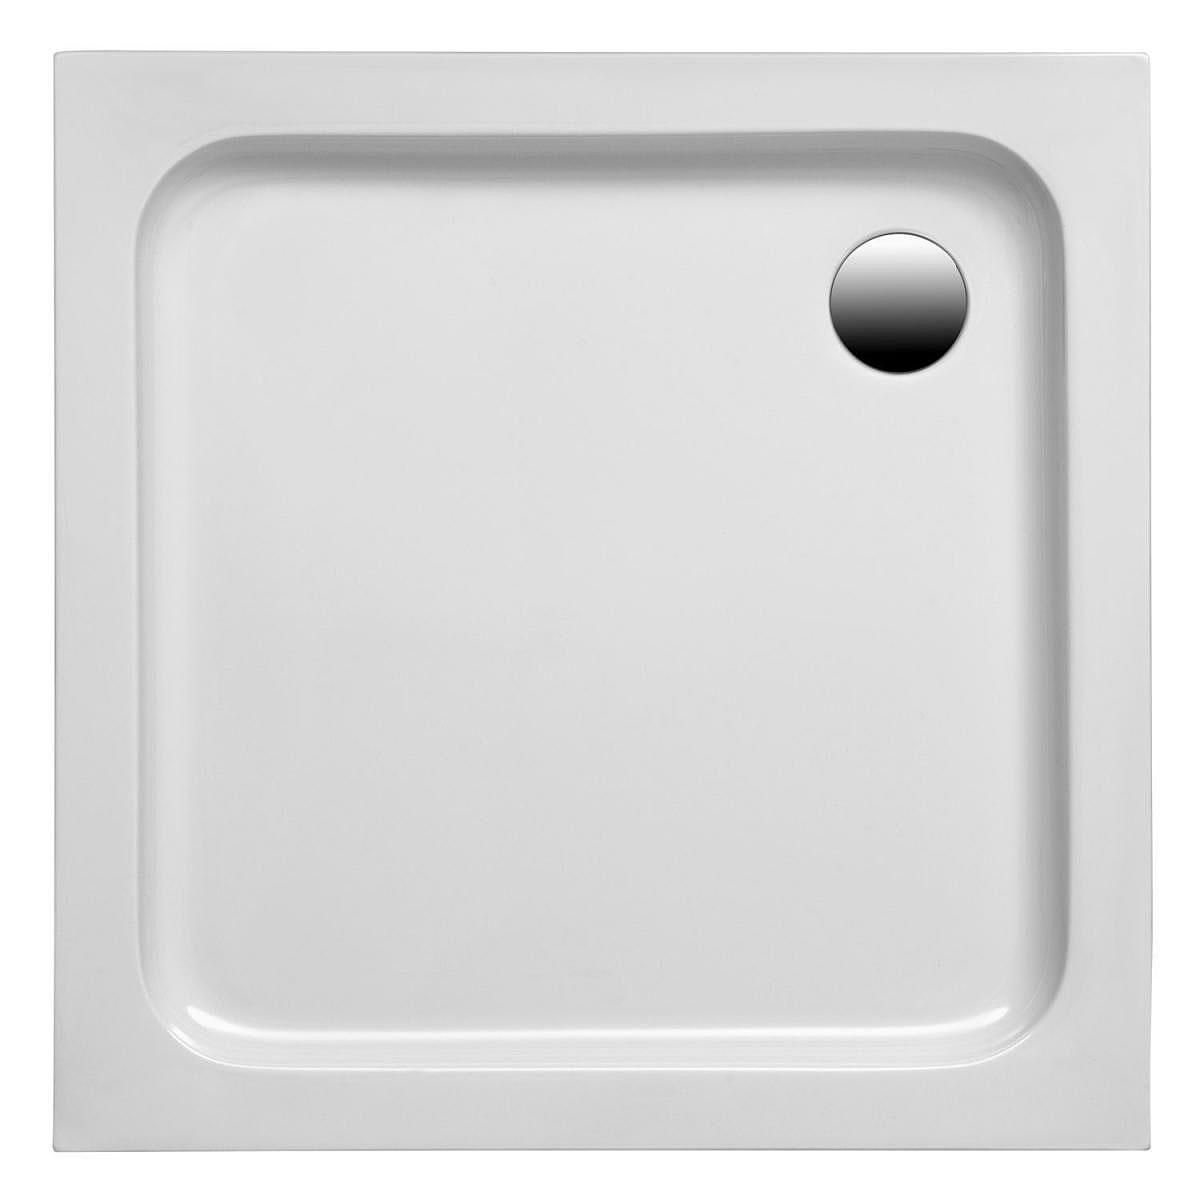 Ottofond Duschtasse, Samos 90 x 75 x 6 cm, weiss 940701